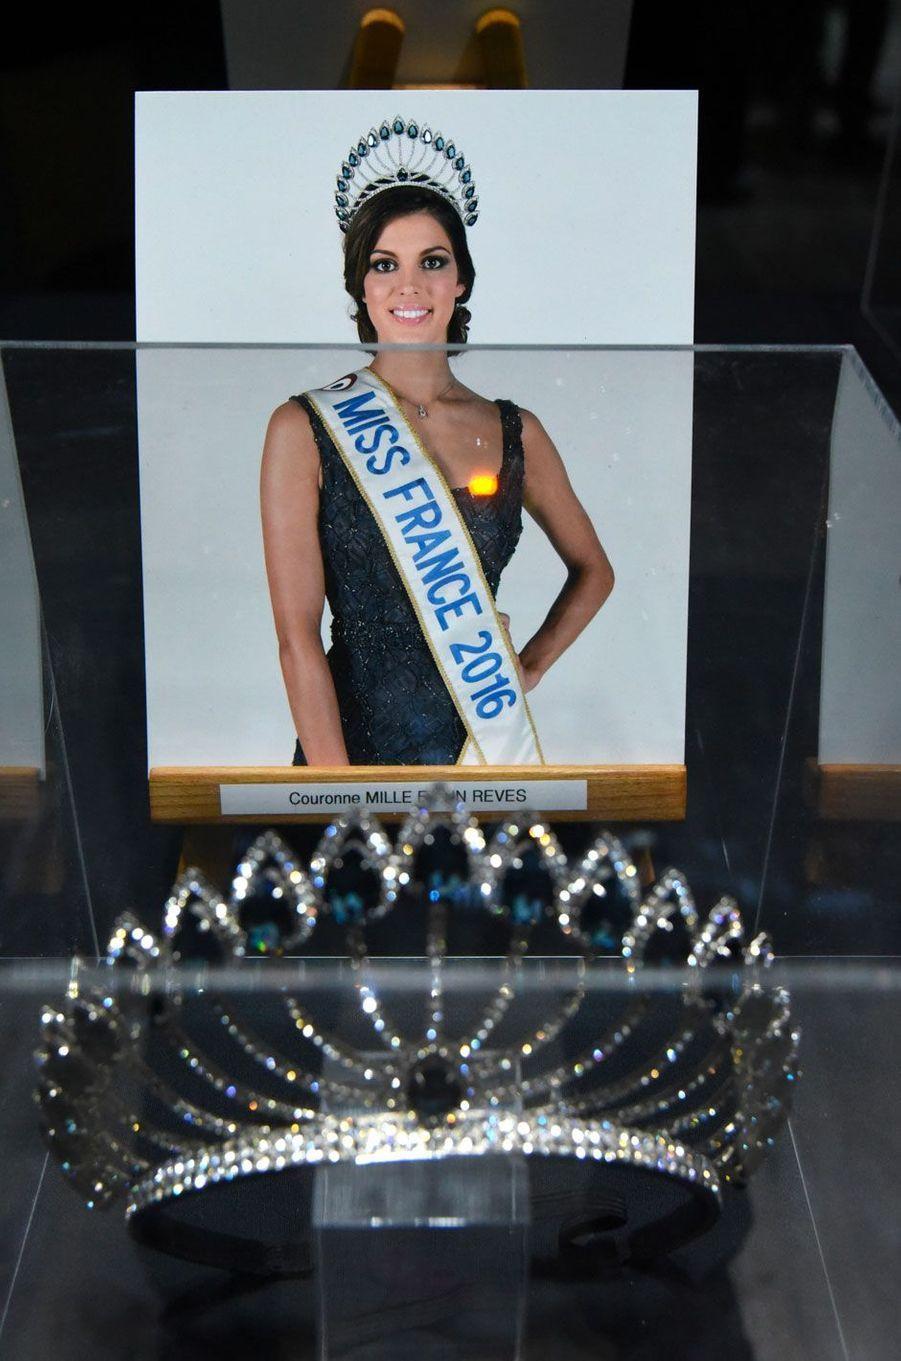 La couronne de Miss France 2016